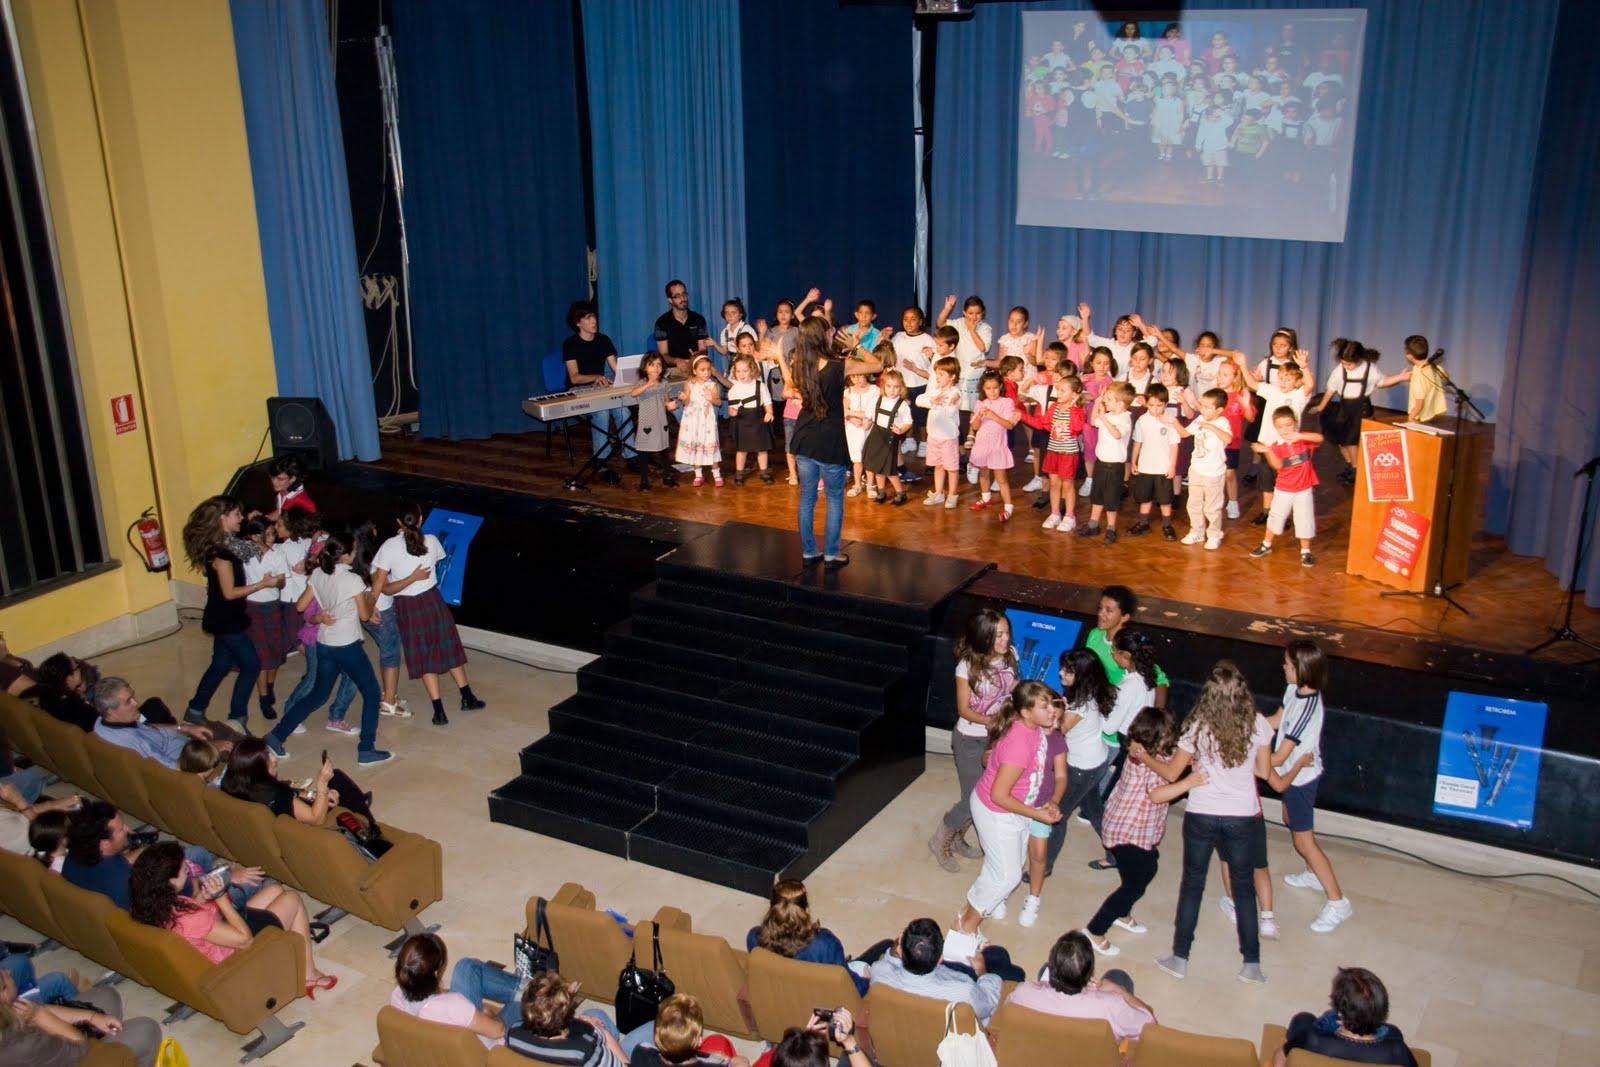 Fotografía durante un concierto en el Ajuntament de Torrent